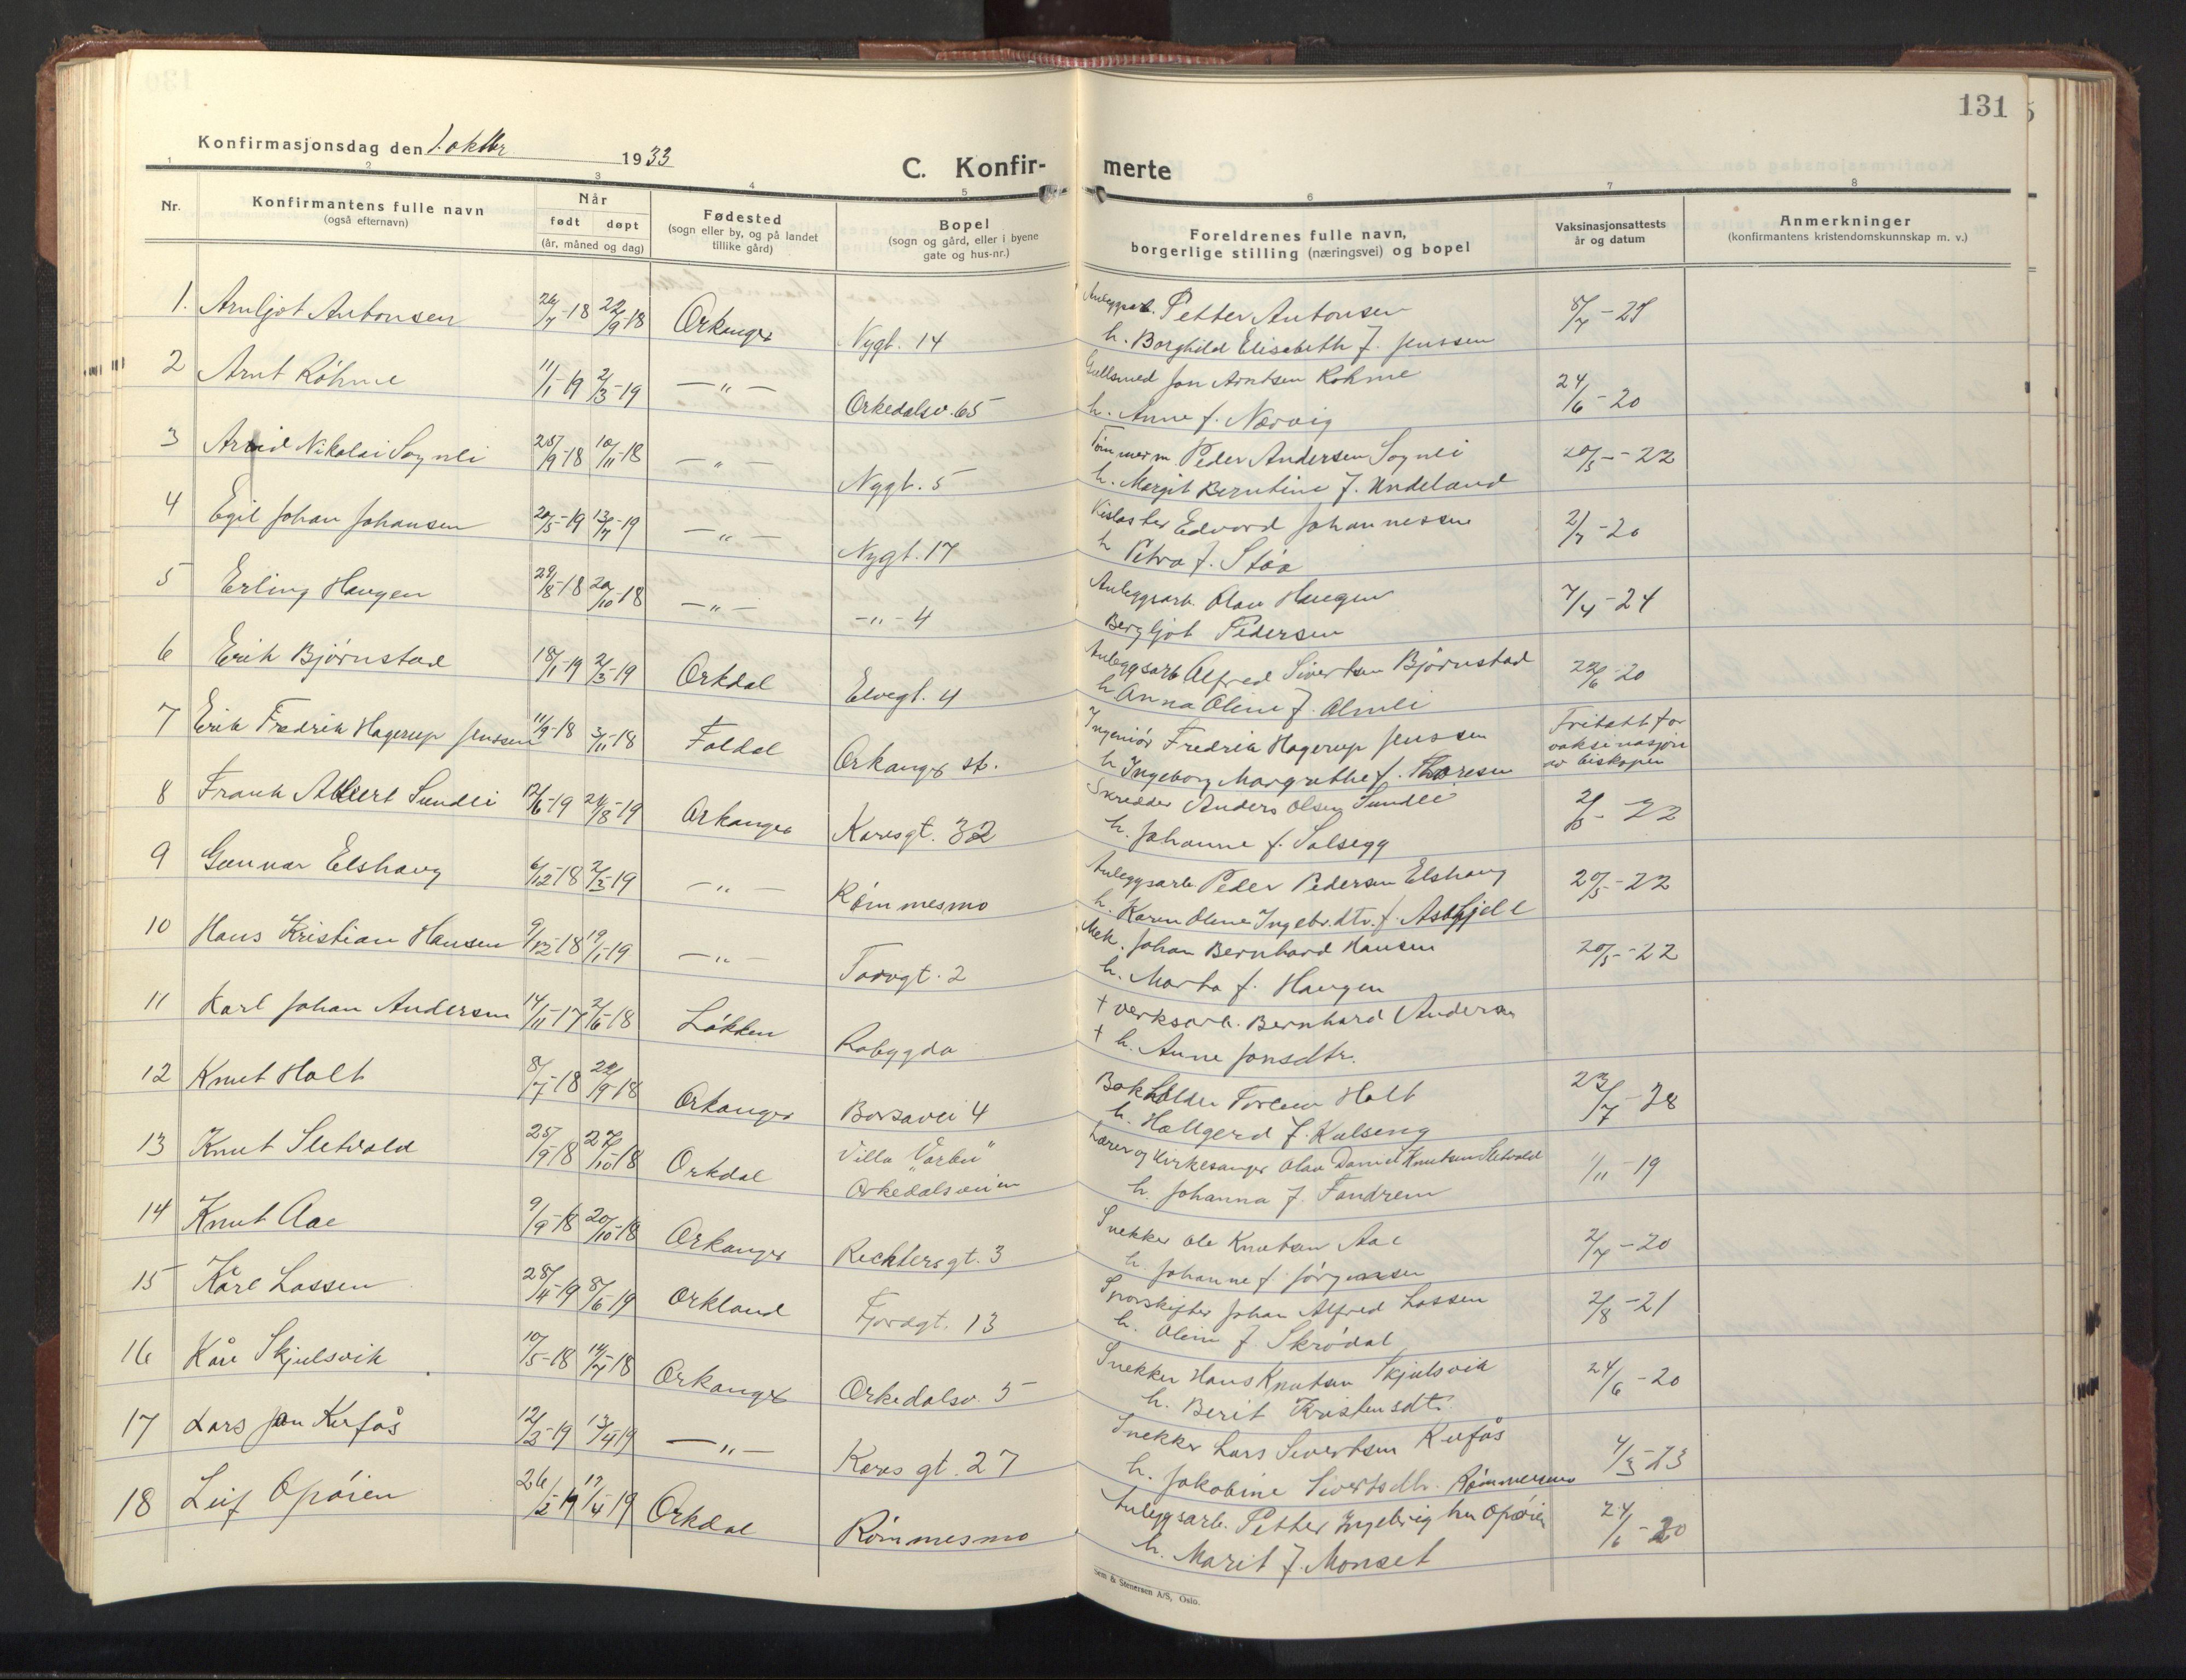 SAT, Ministerialprotokoller, klokkerbøker og fødselsregistre - Sør-Trøndelag, 669/L0832: Klokkerbok nr. 669C02, 1925-1953, s. 131